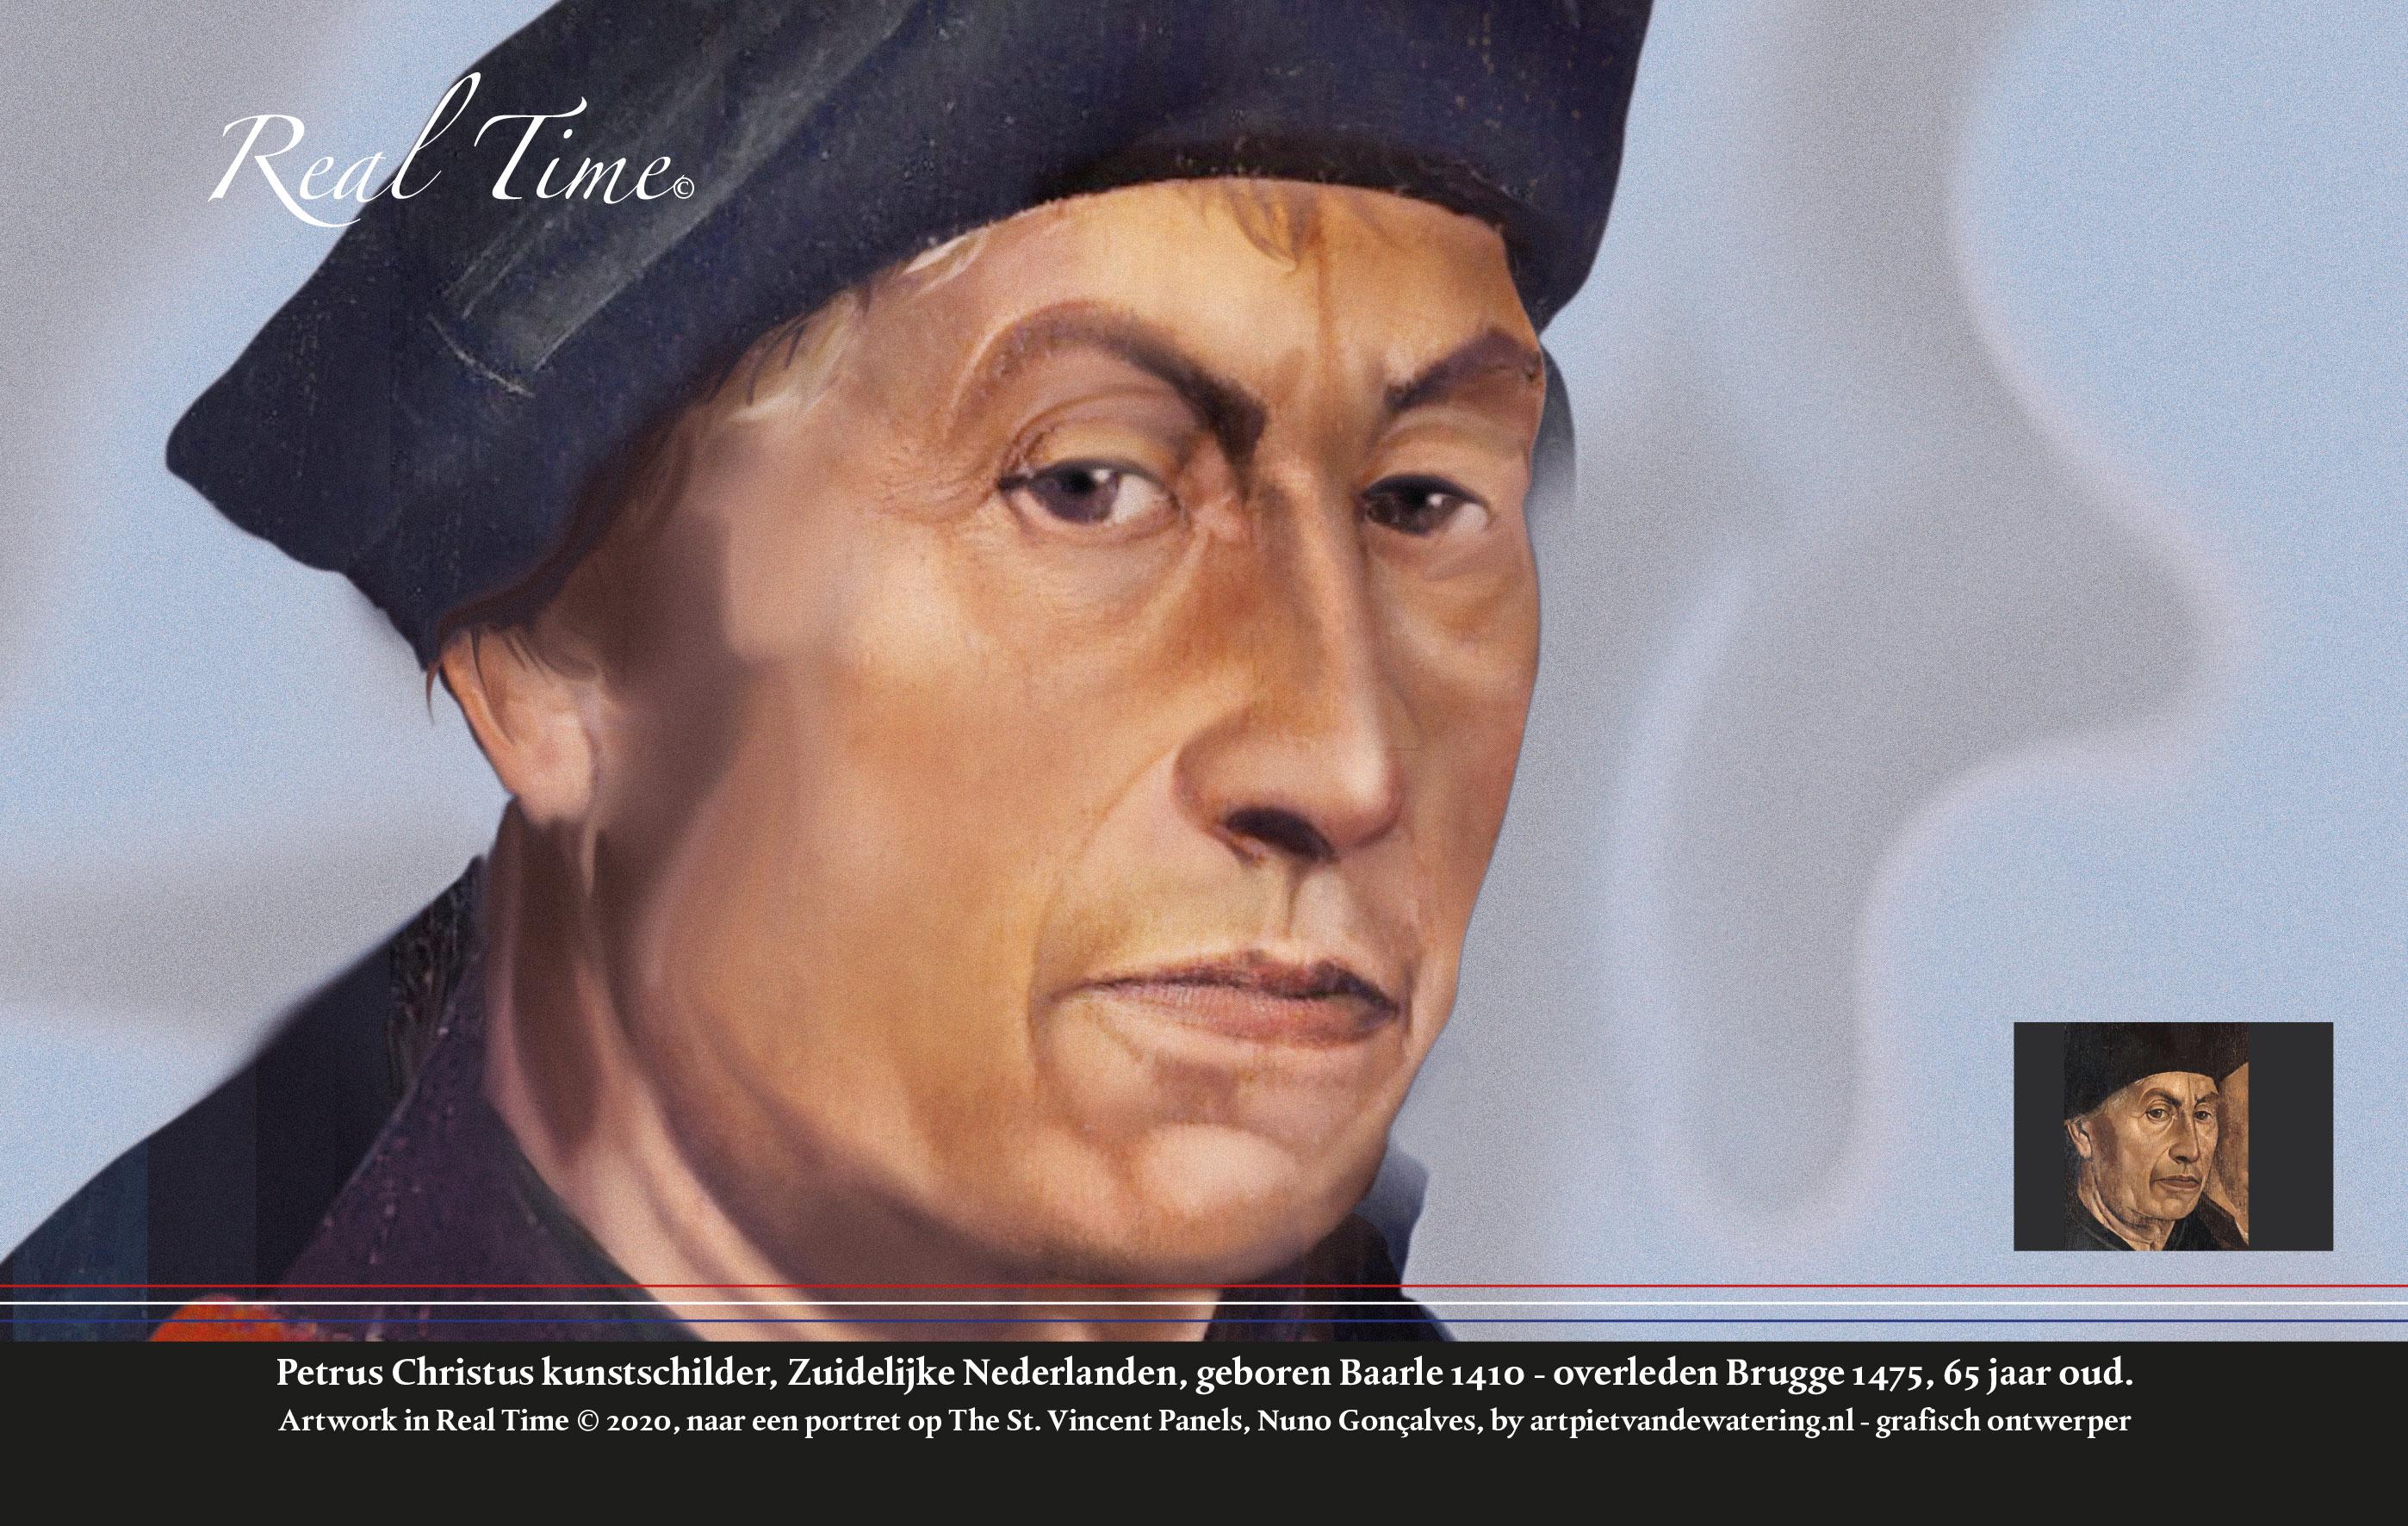 Petrus-Christus-1410-1475